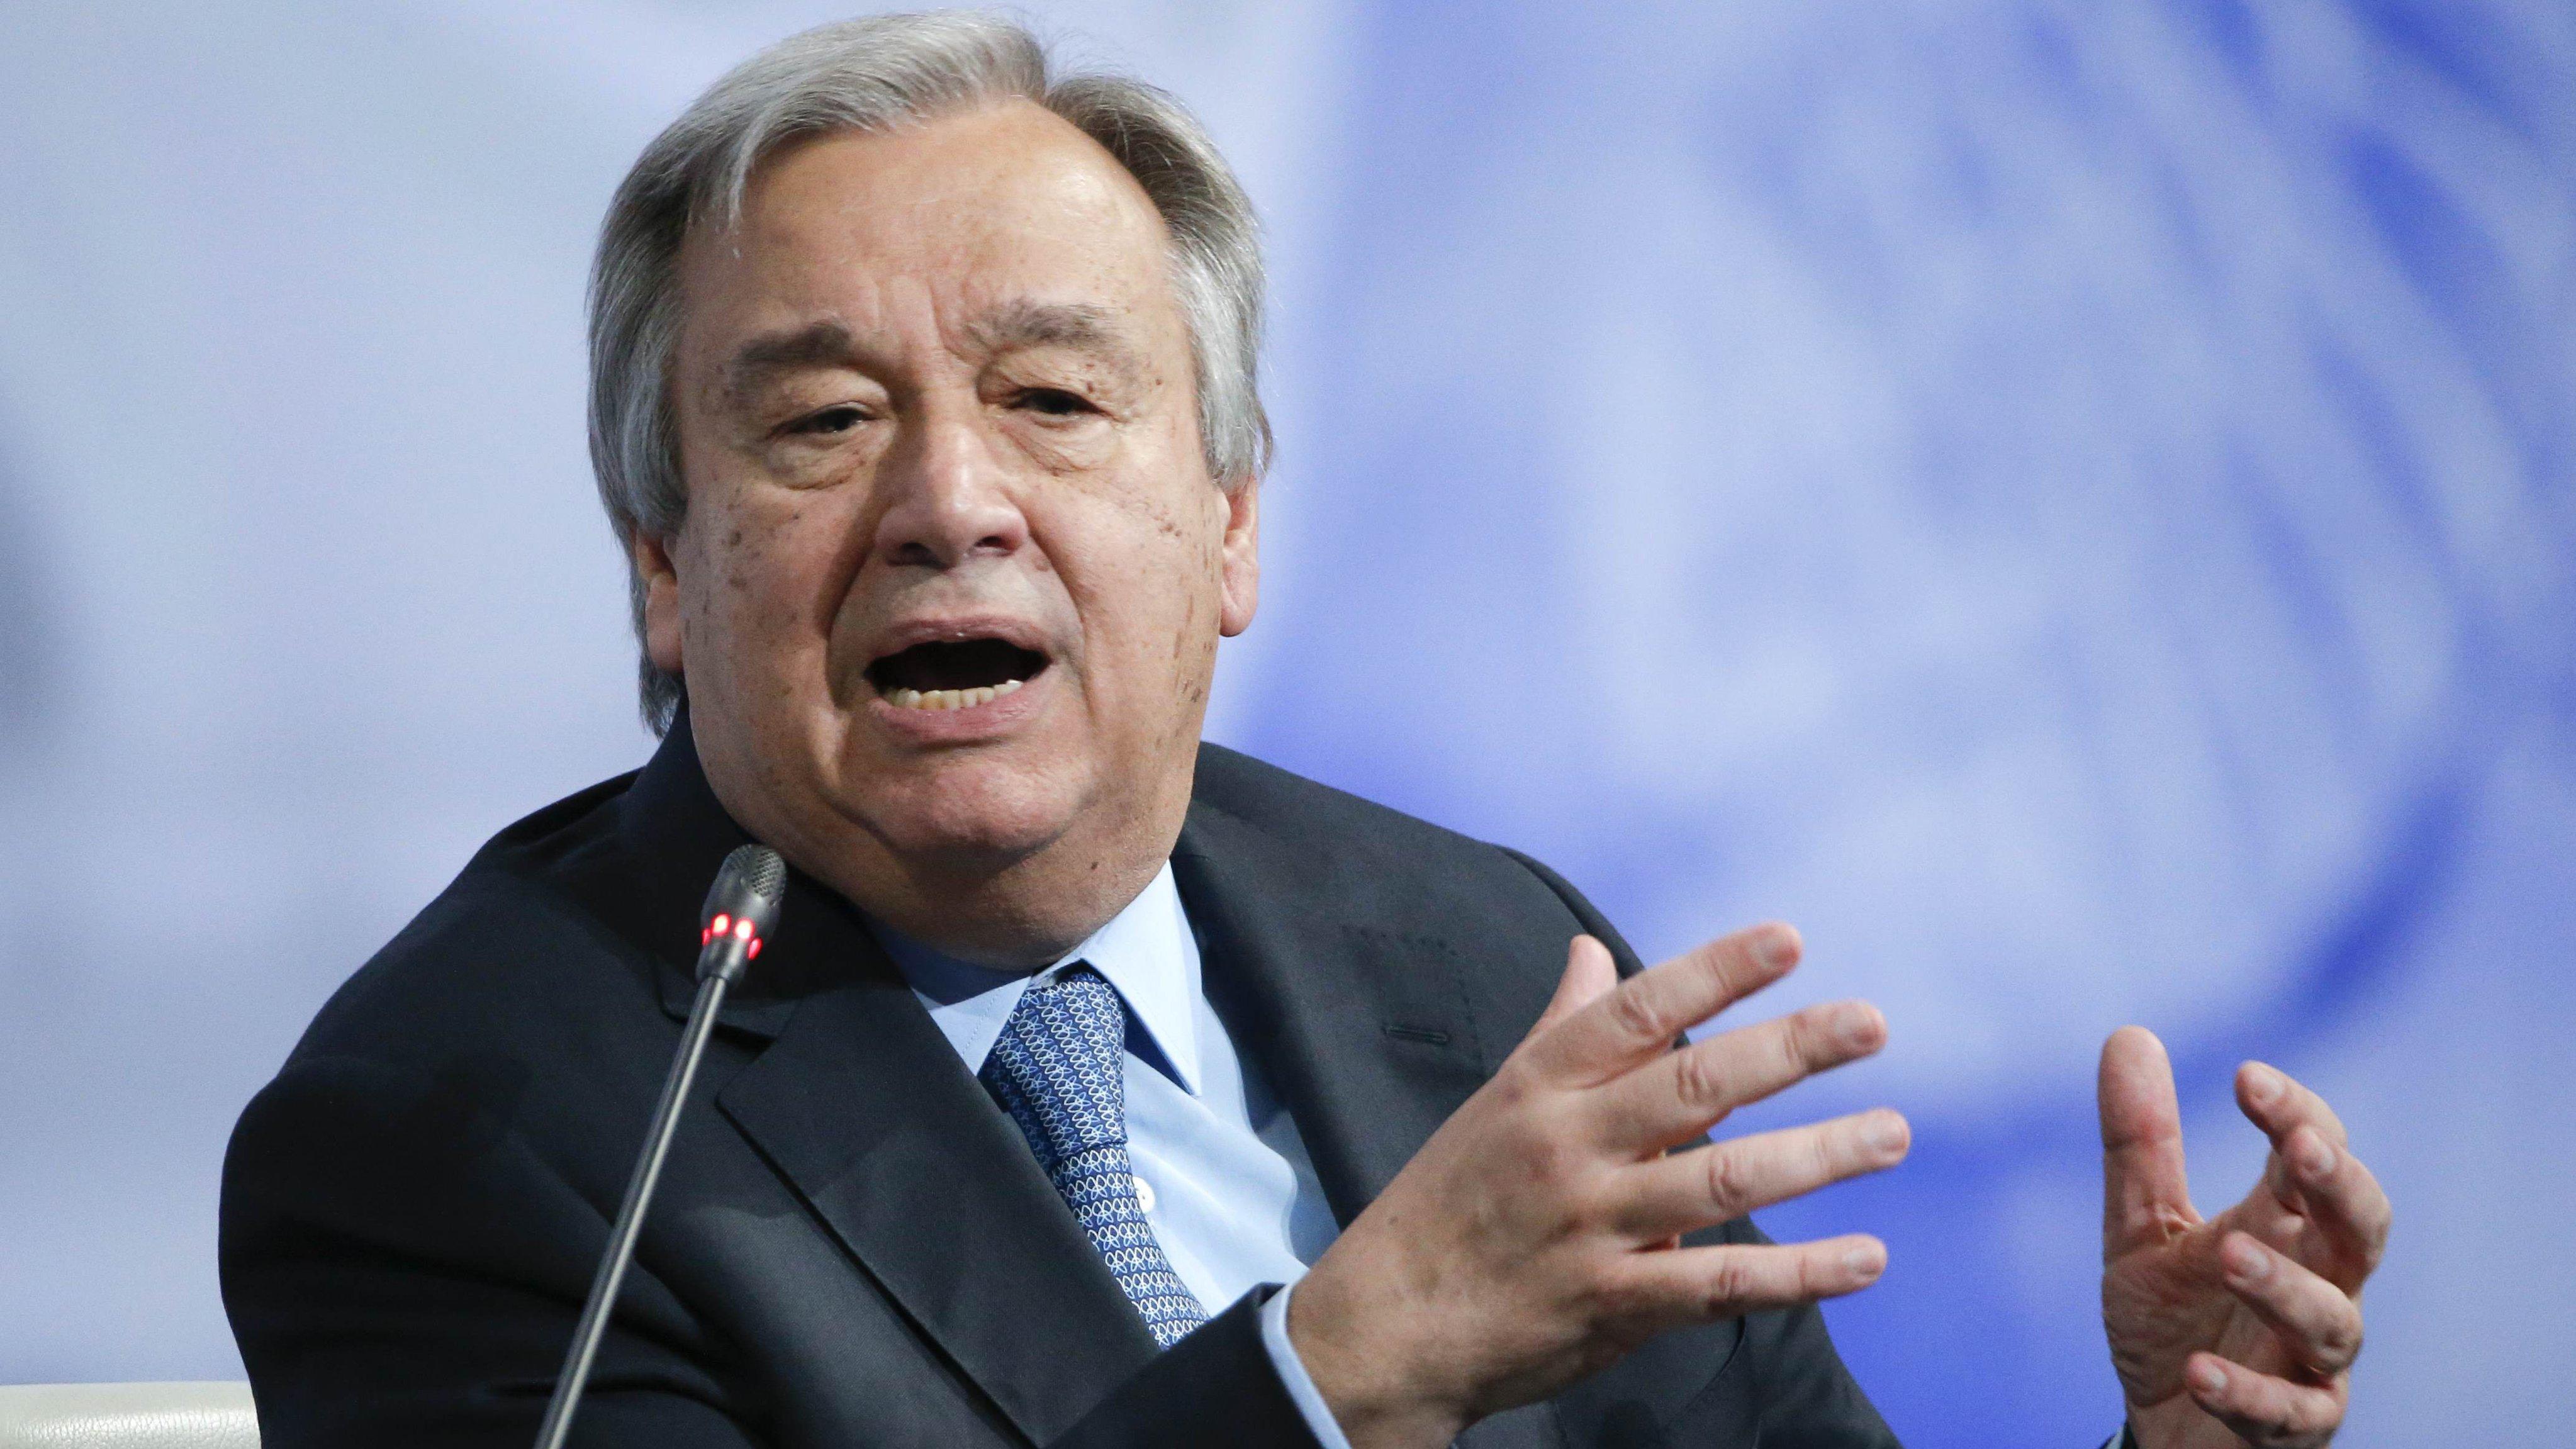 ООН осталась без денег из-за стран-должников